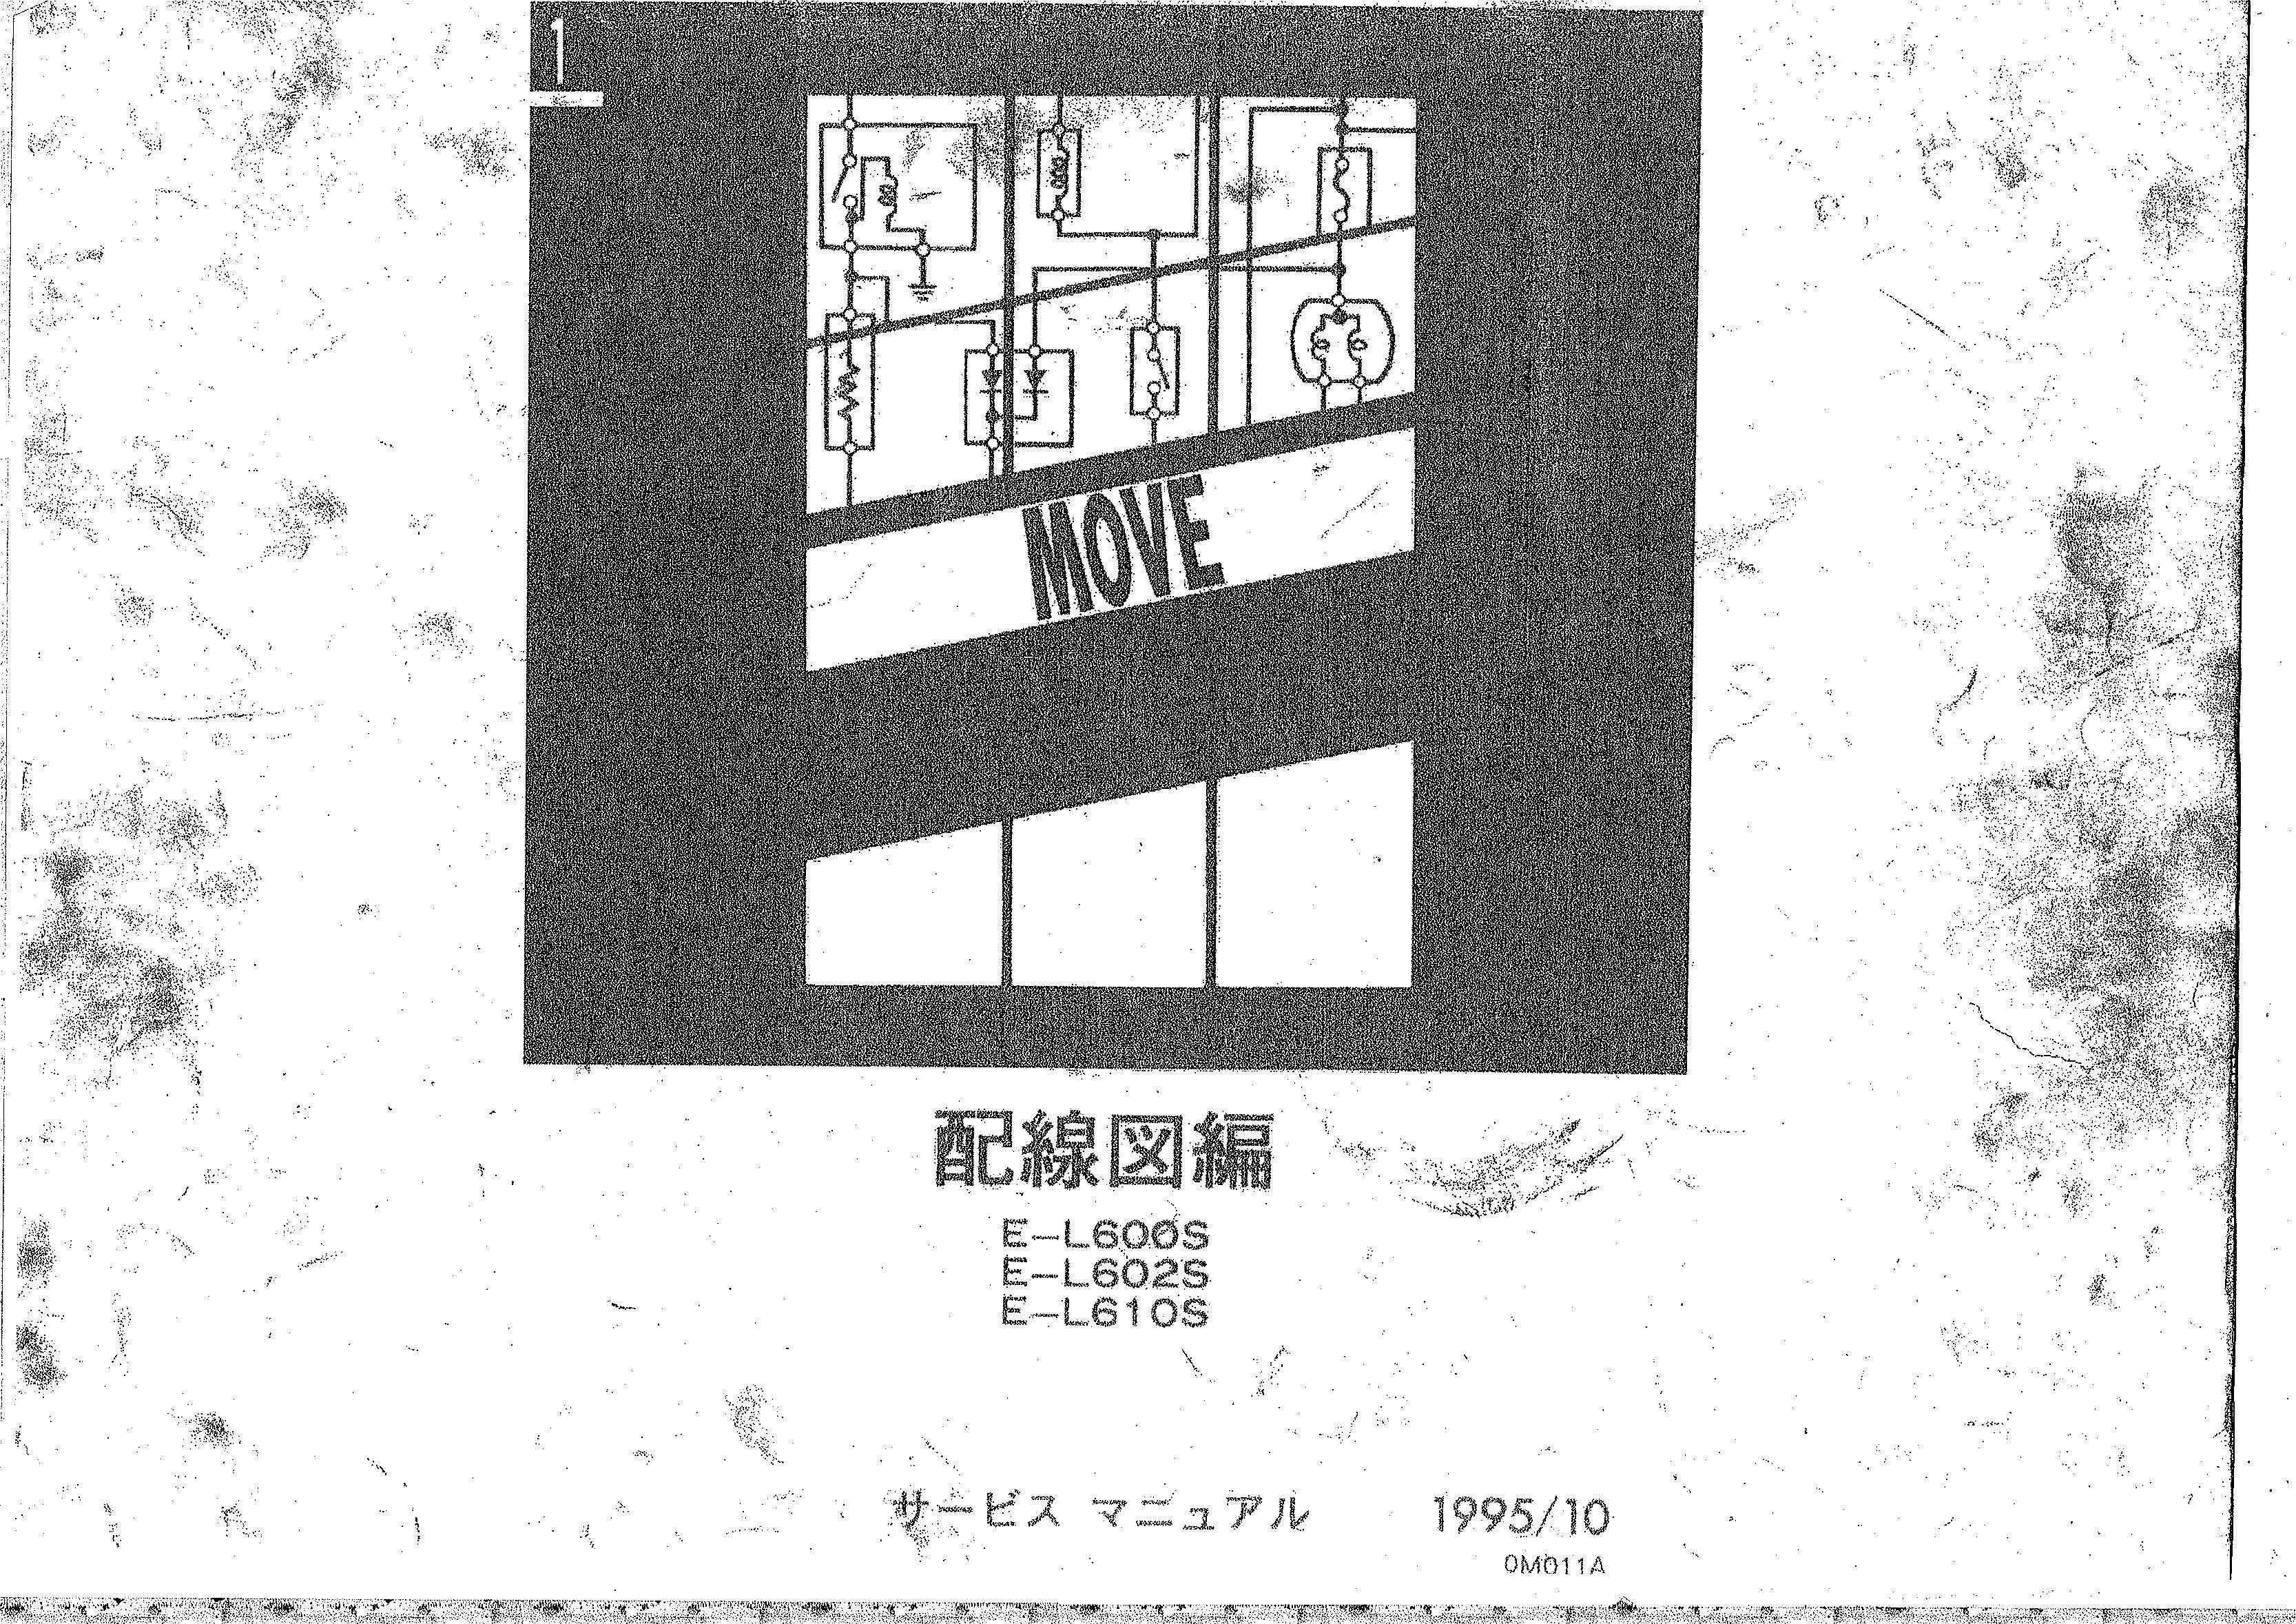 หนังสือ วงจรไฟฟ้า Wiring Diagram รถยนต์ DAIHATSU MOVE ทั้งคัน โฉมปี '95 - 10